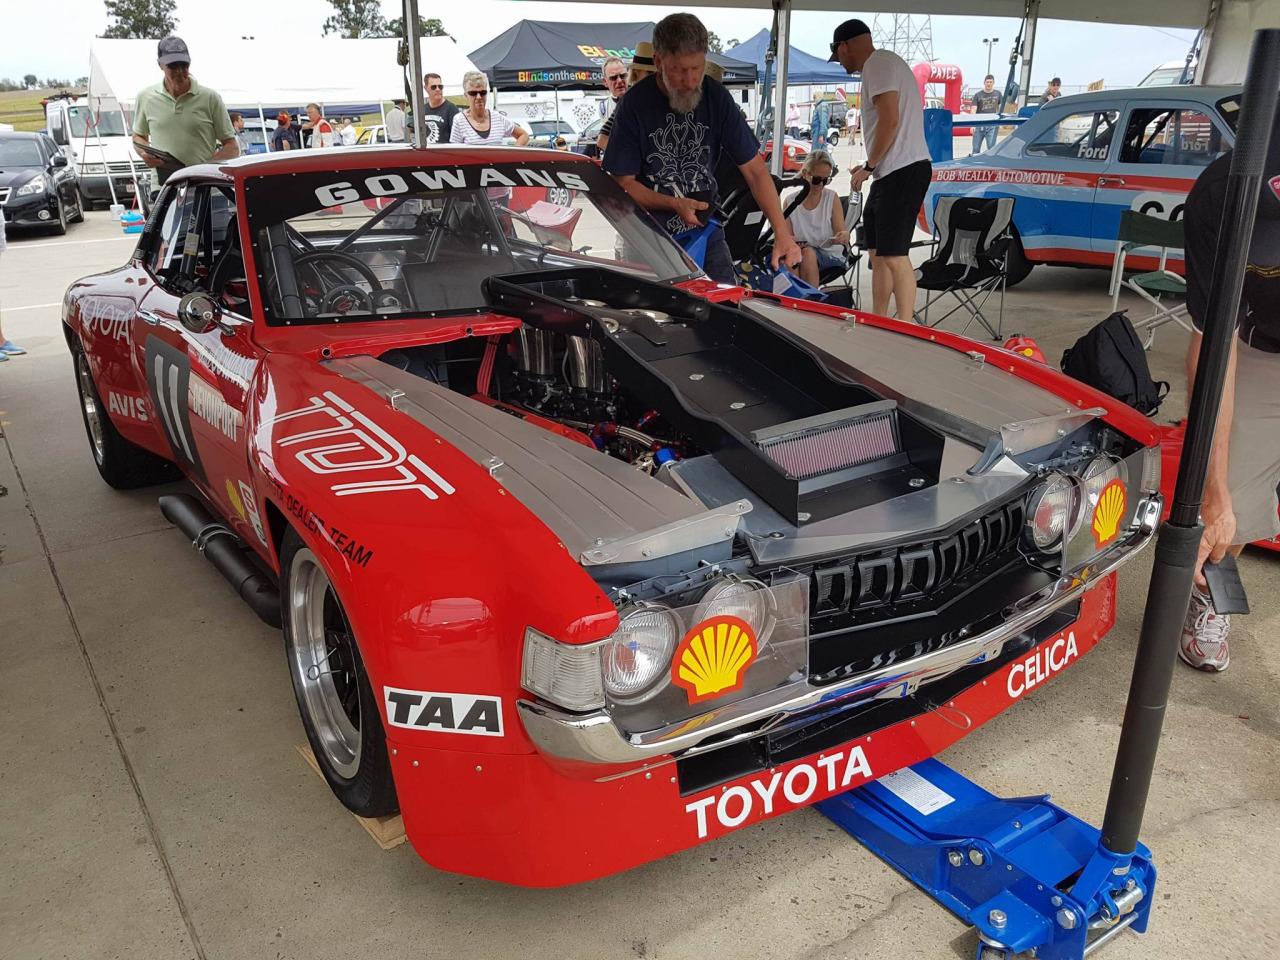 Bruce Gowans Toyota Celica - Avec un V8 Repco 4